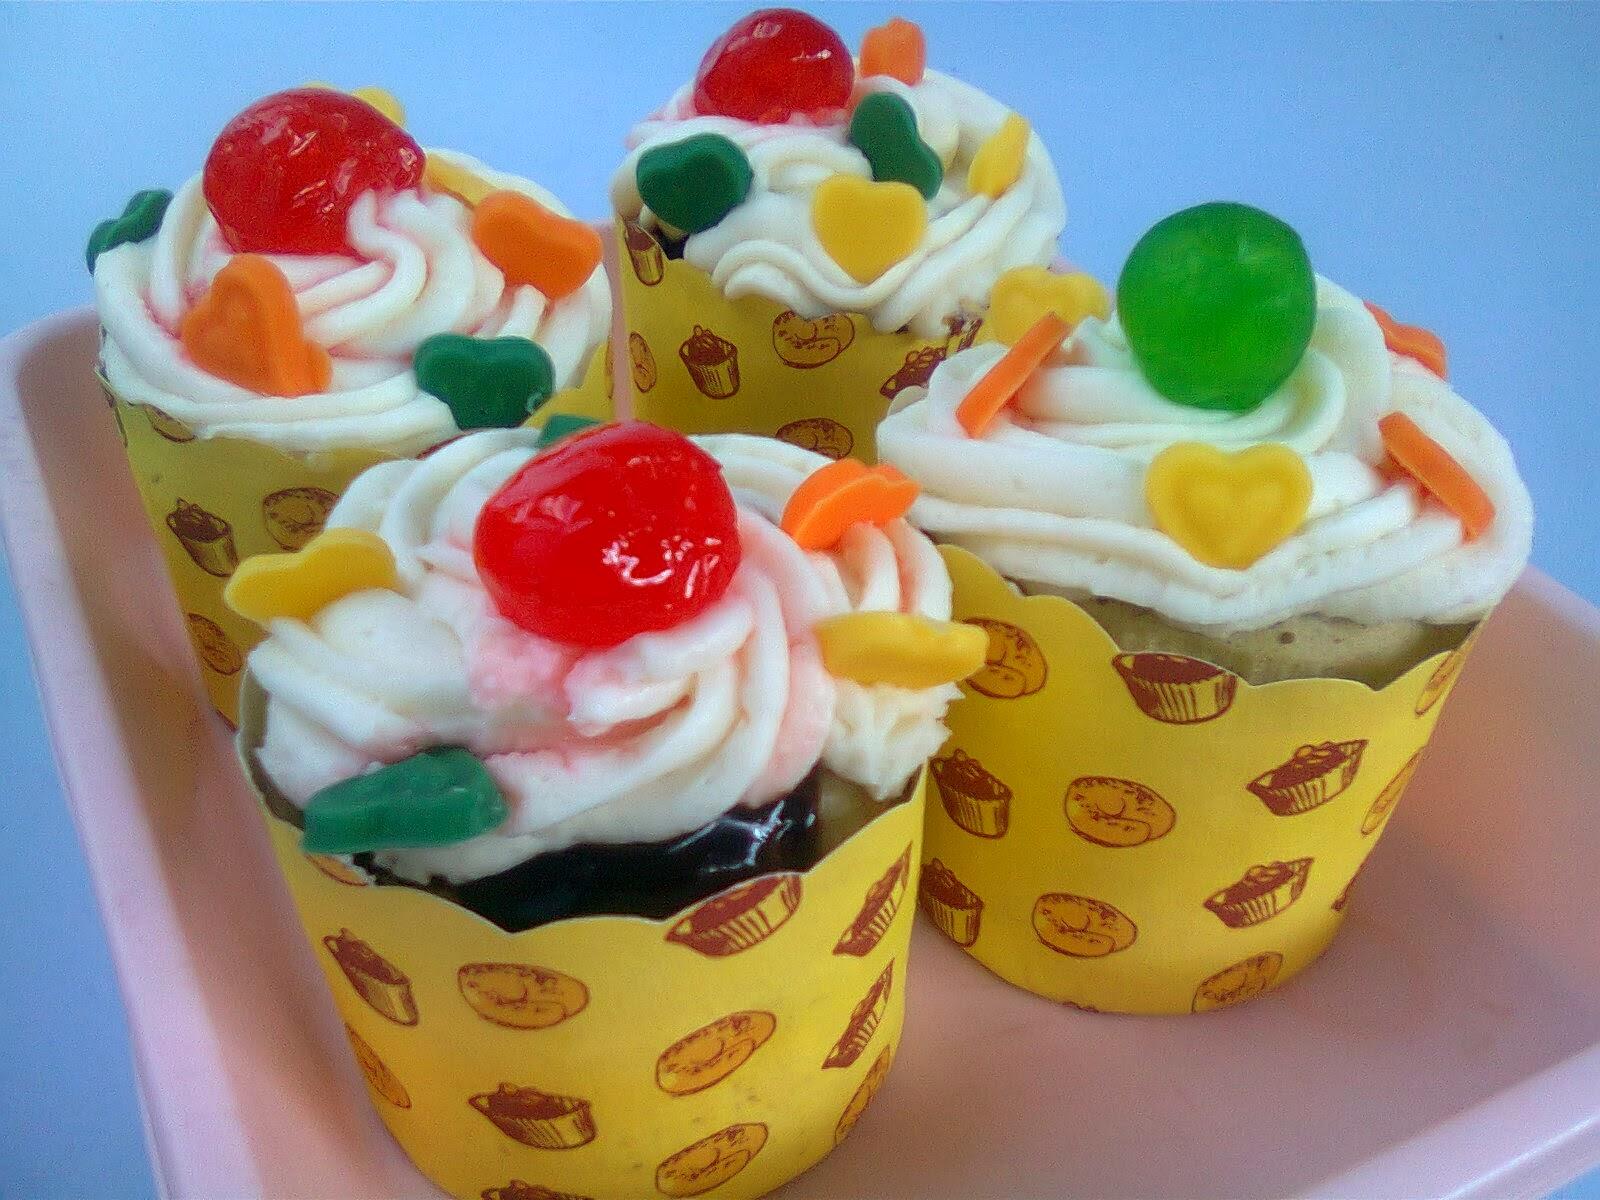 Resep Cake Kukus Modern: Resep Cupcake Kukus Hias Buah